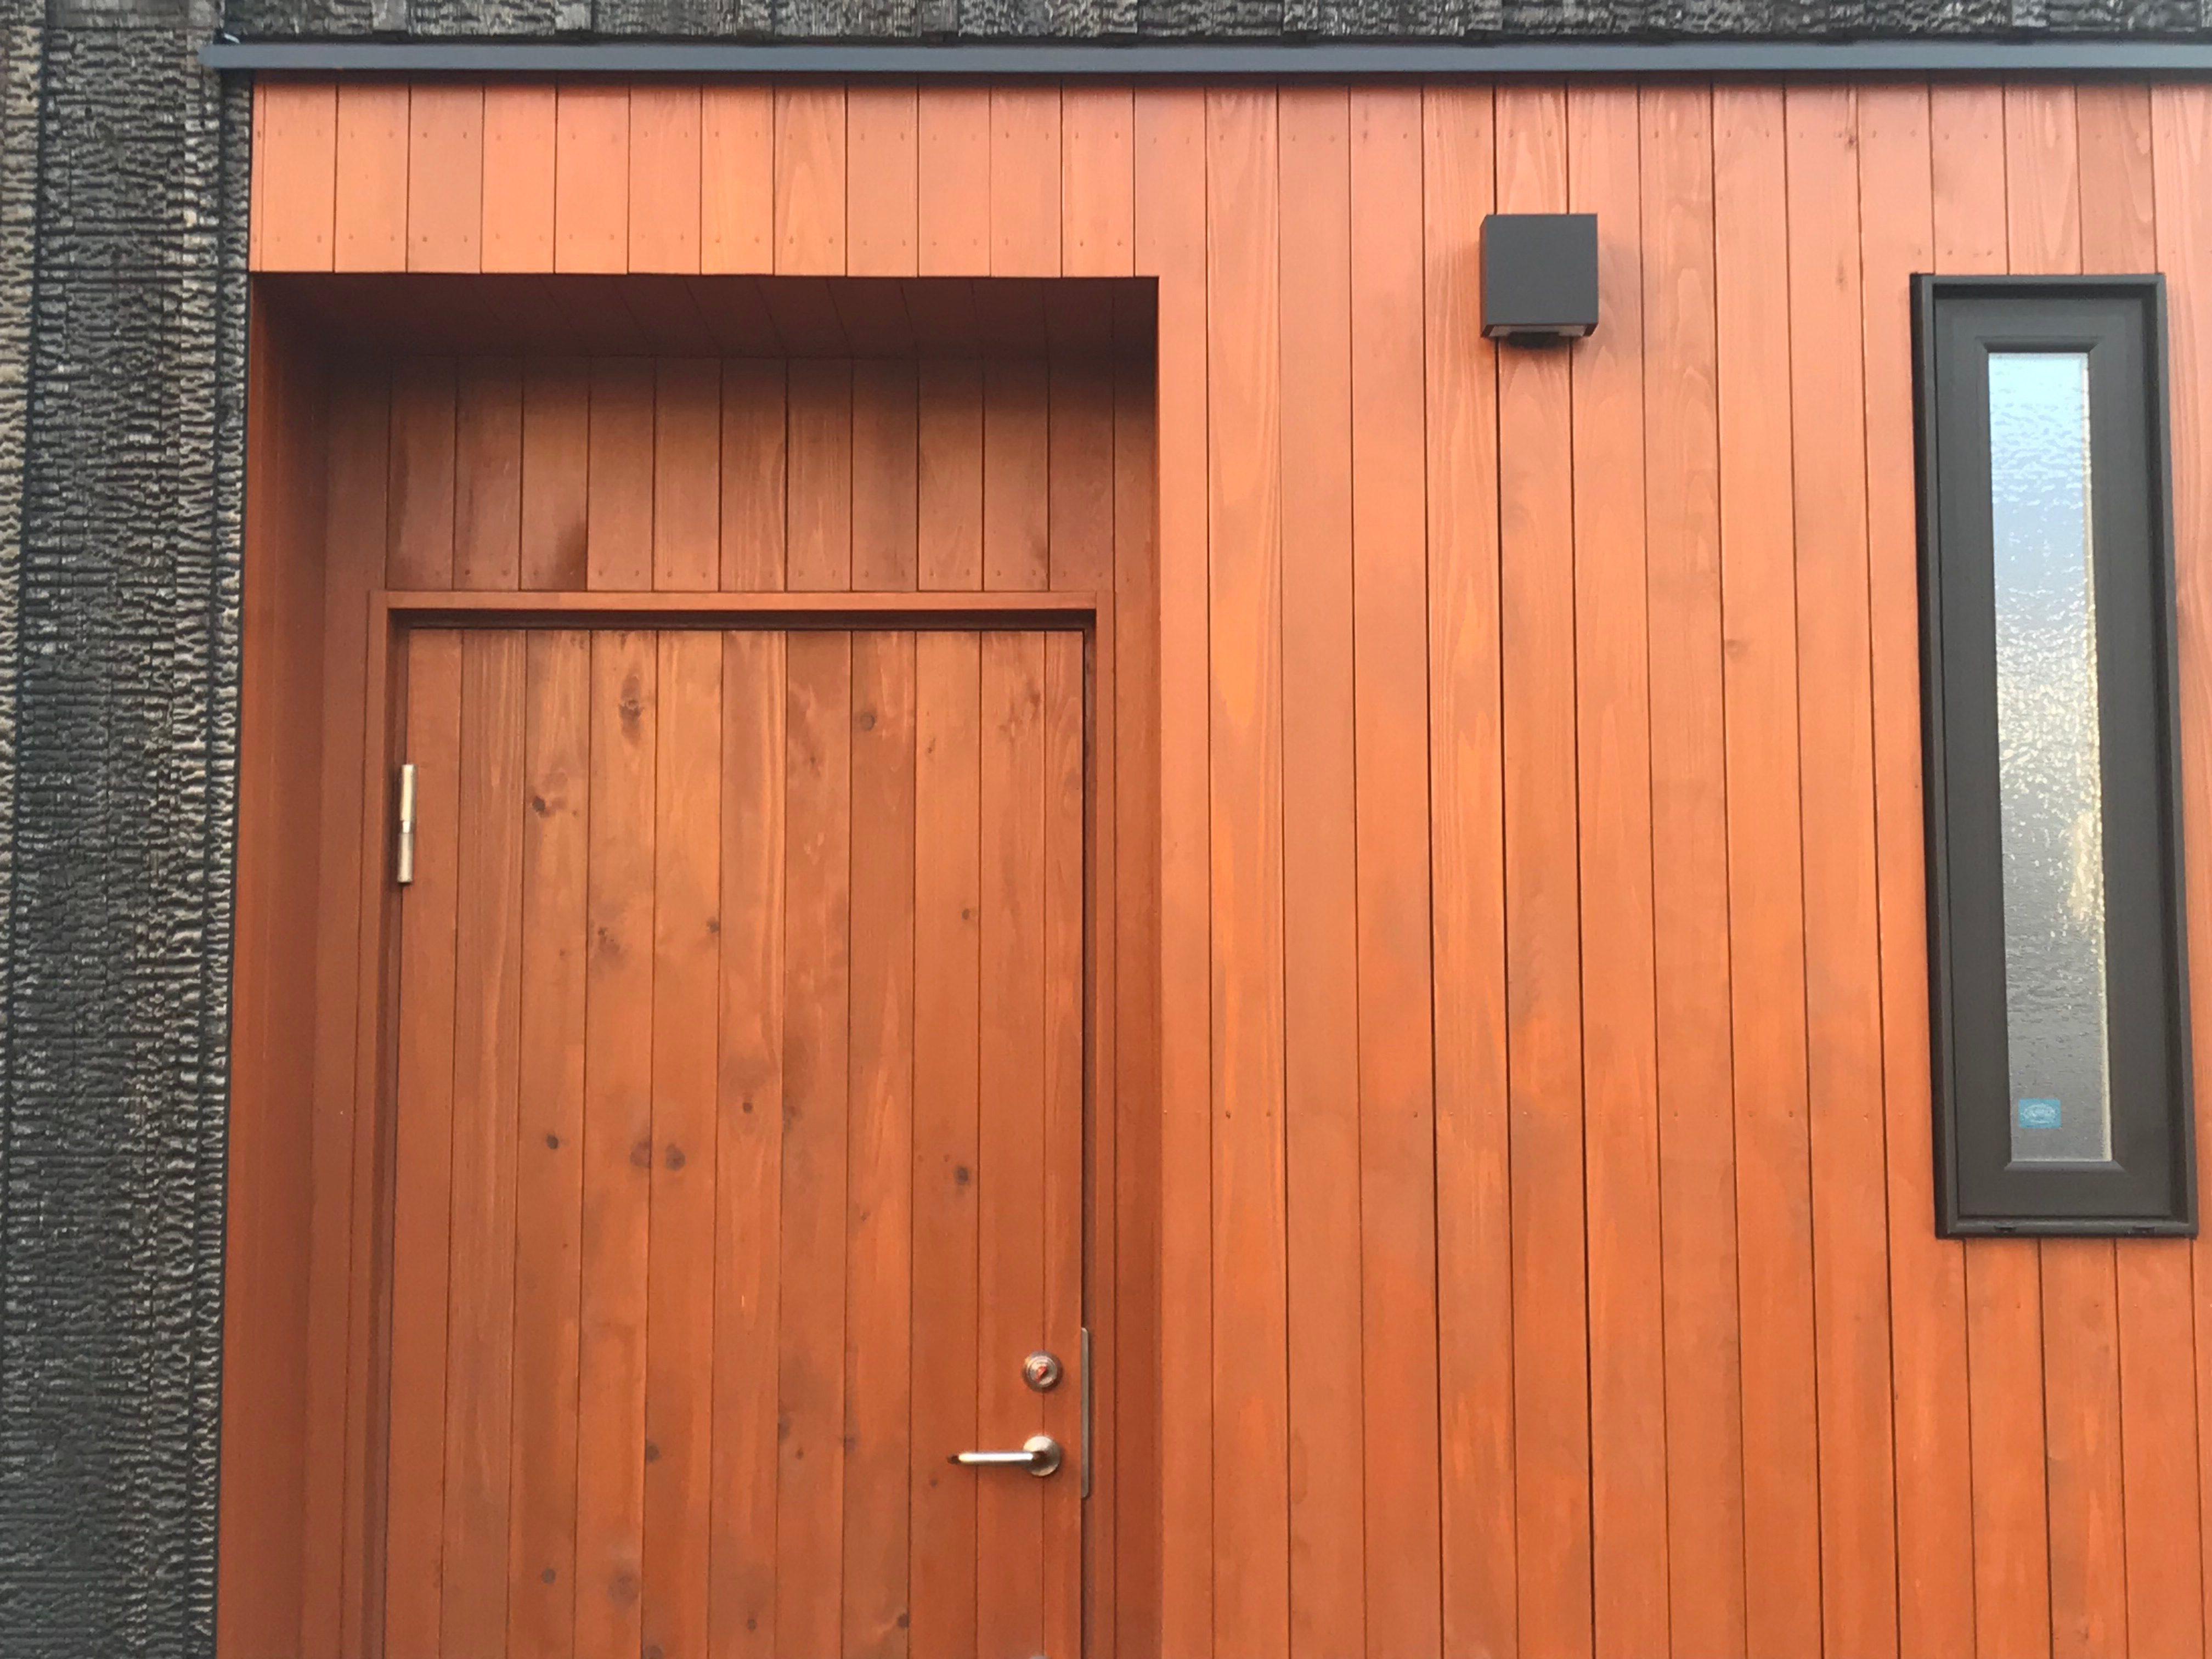 宝塚市木製玄関ドア20181028-1の画像